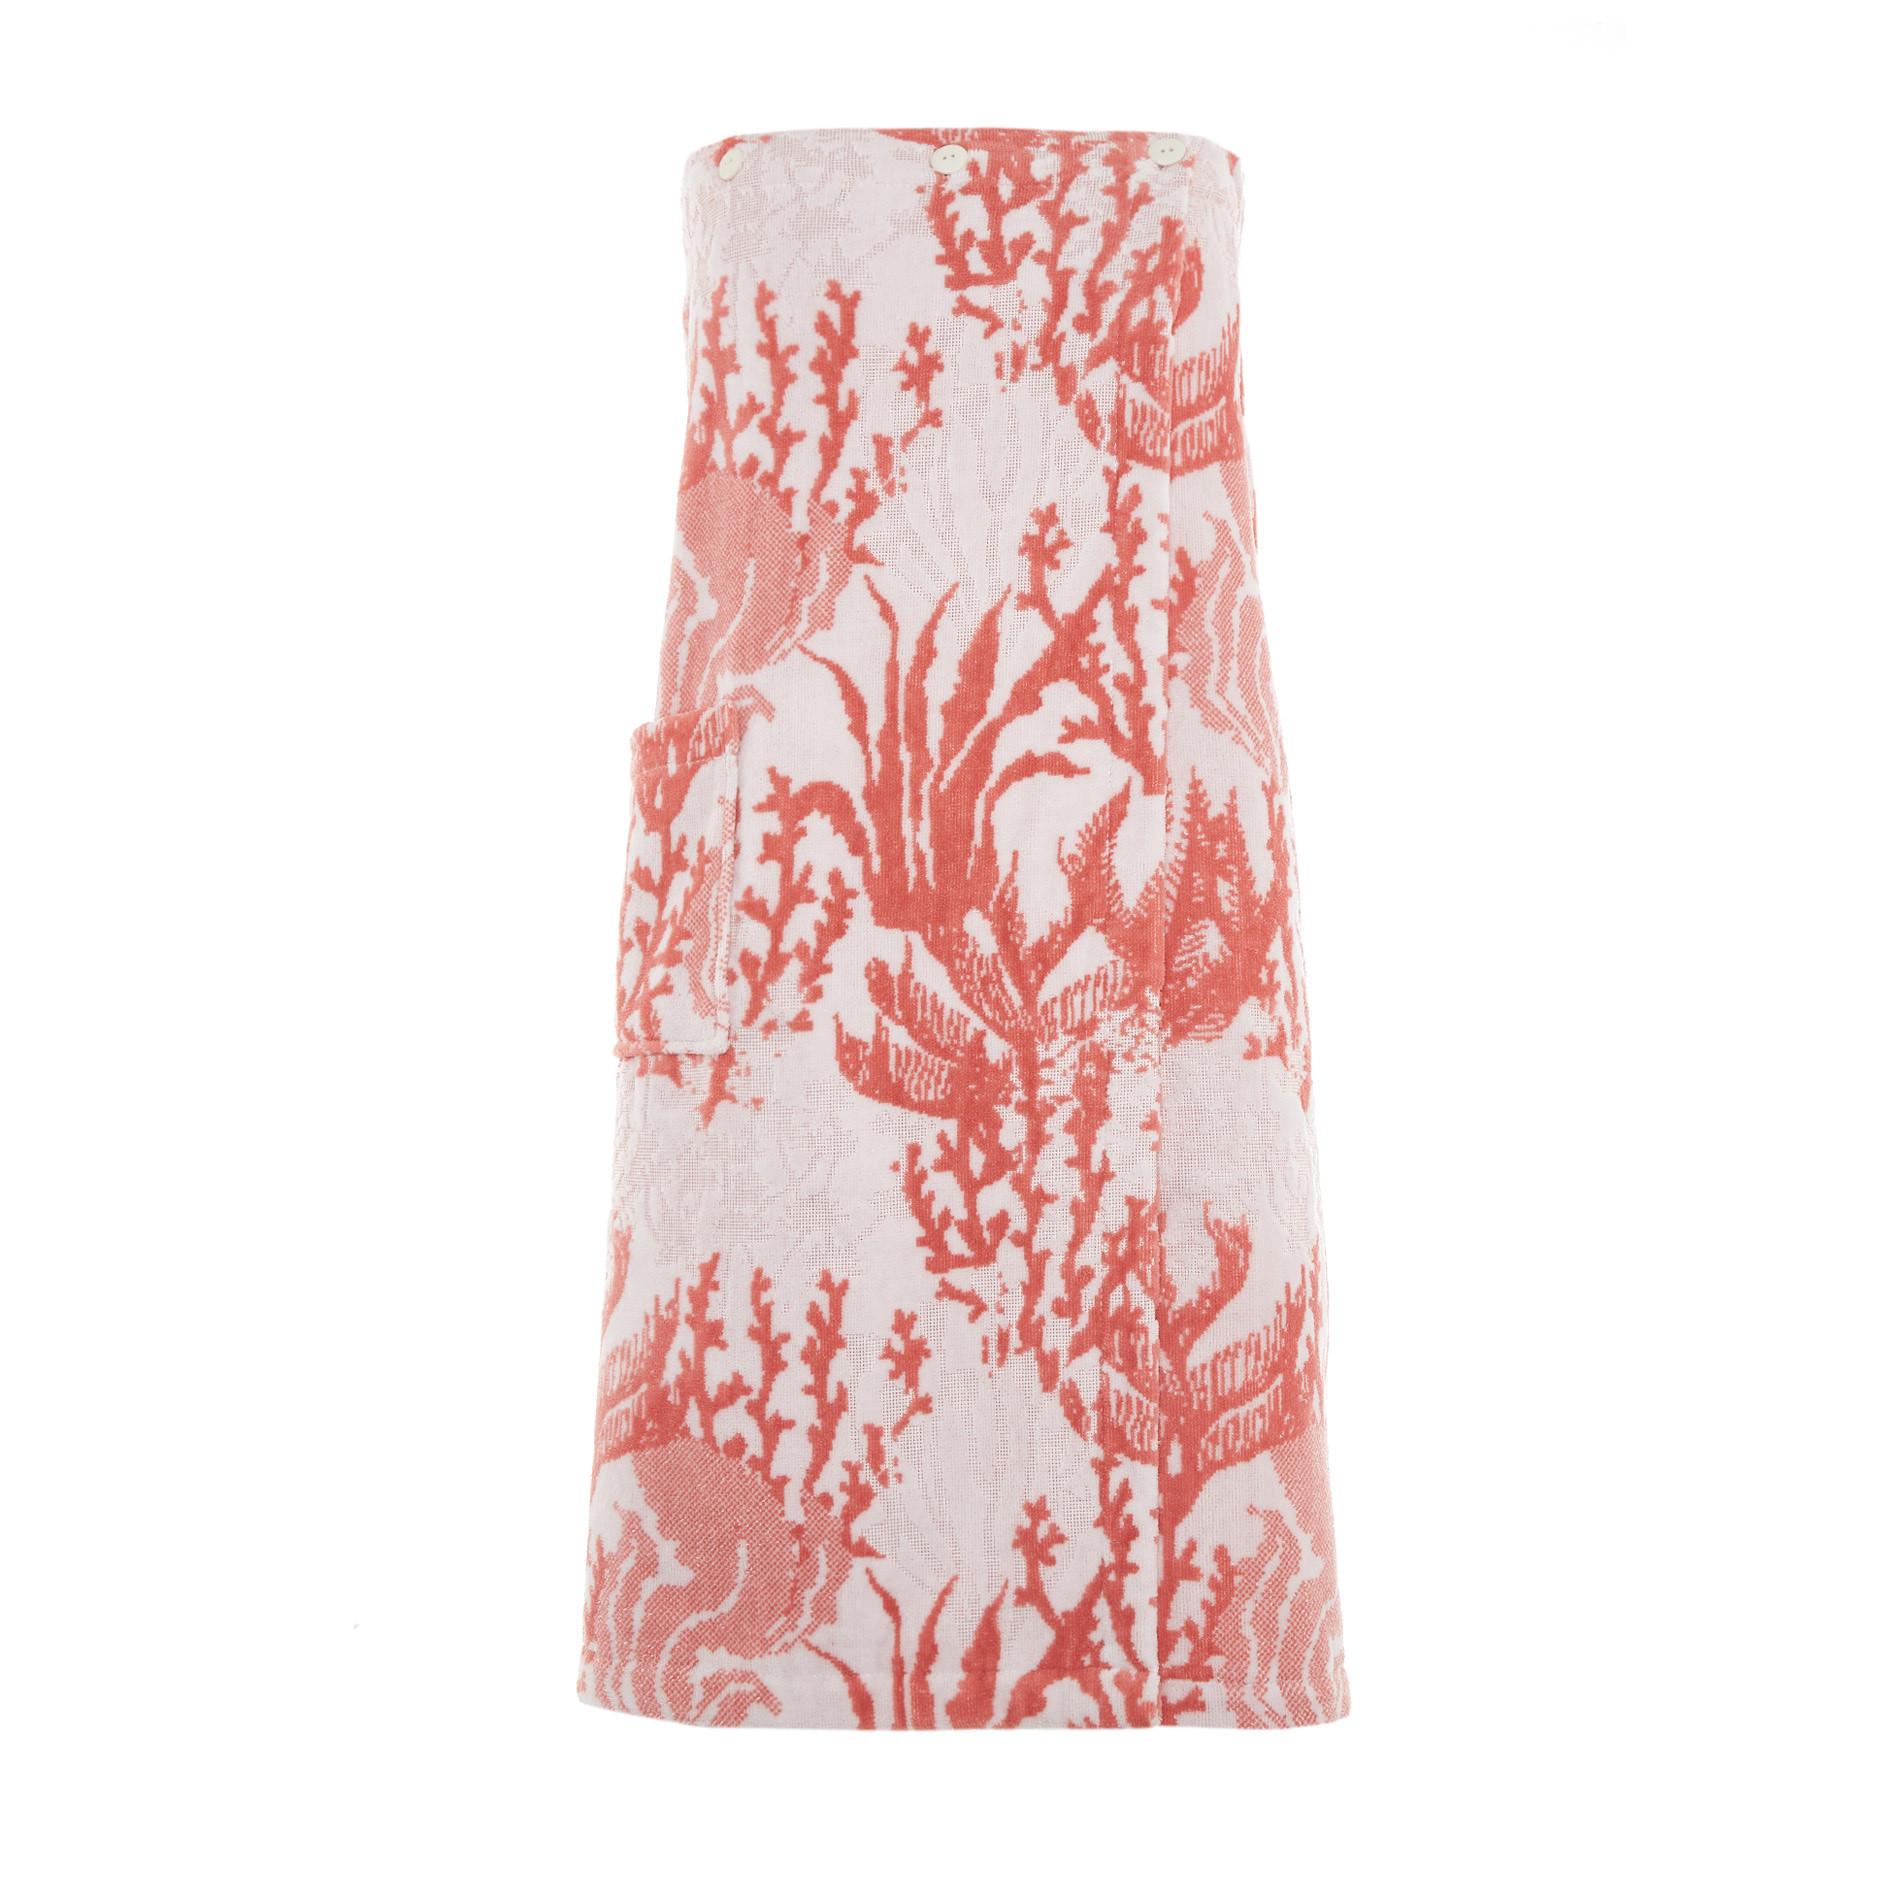 Pareo doccia cotone velour motivo coralli, Rosso corallo, large image number 0